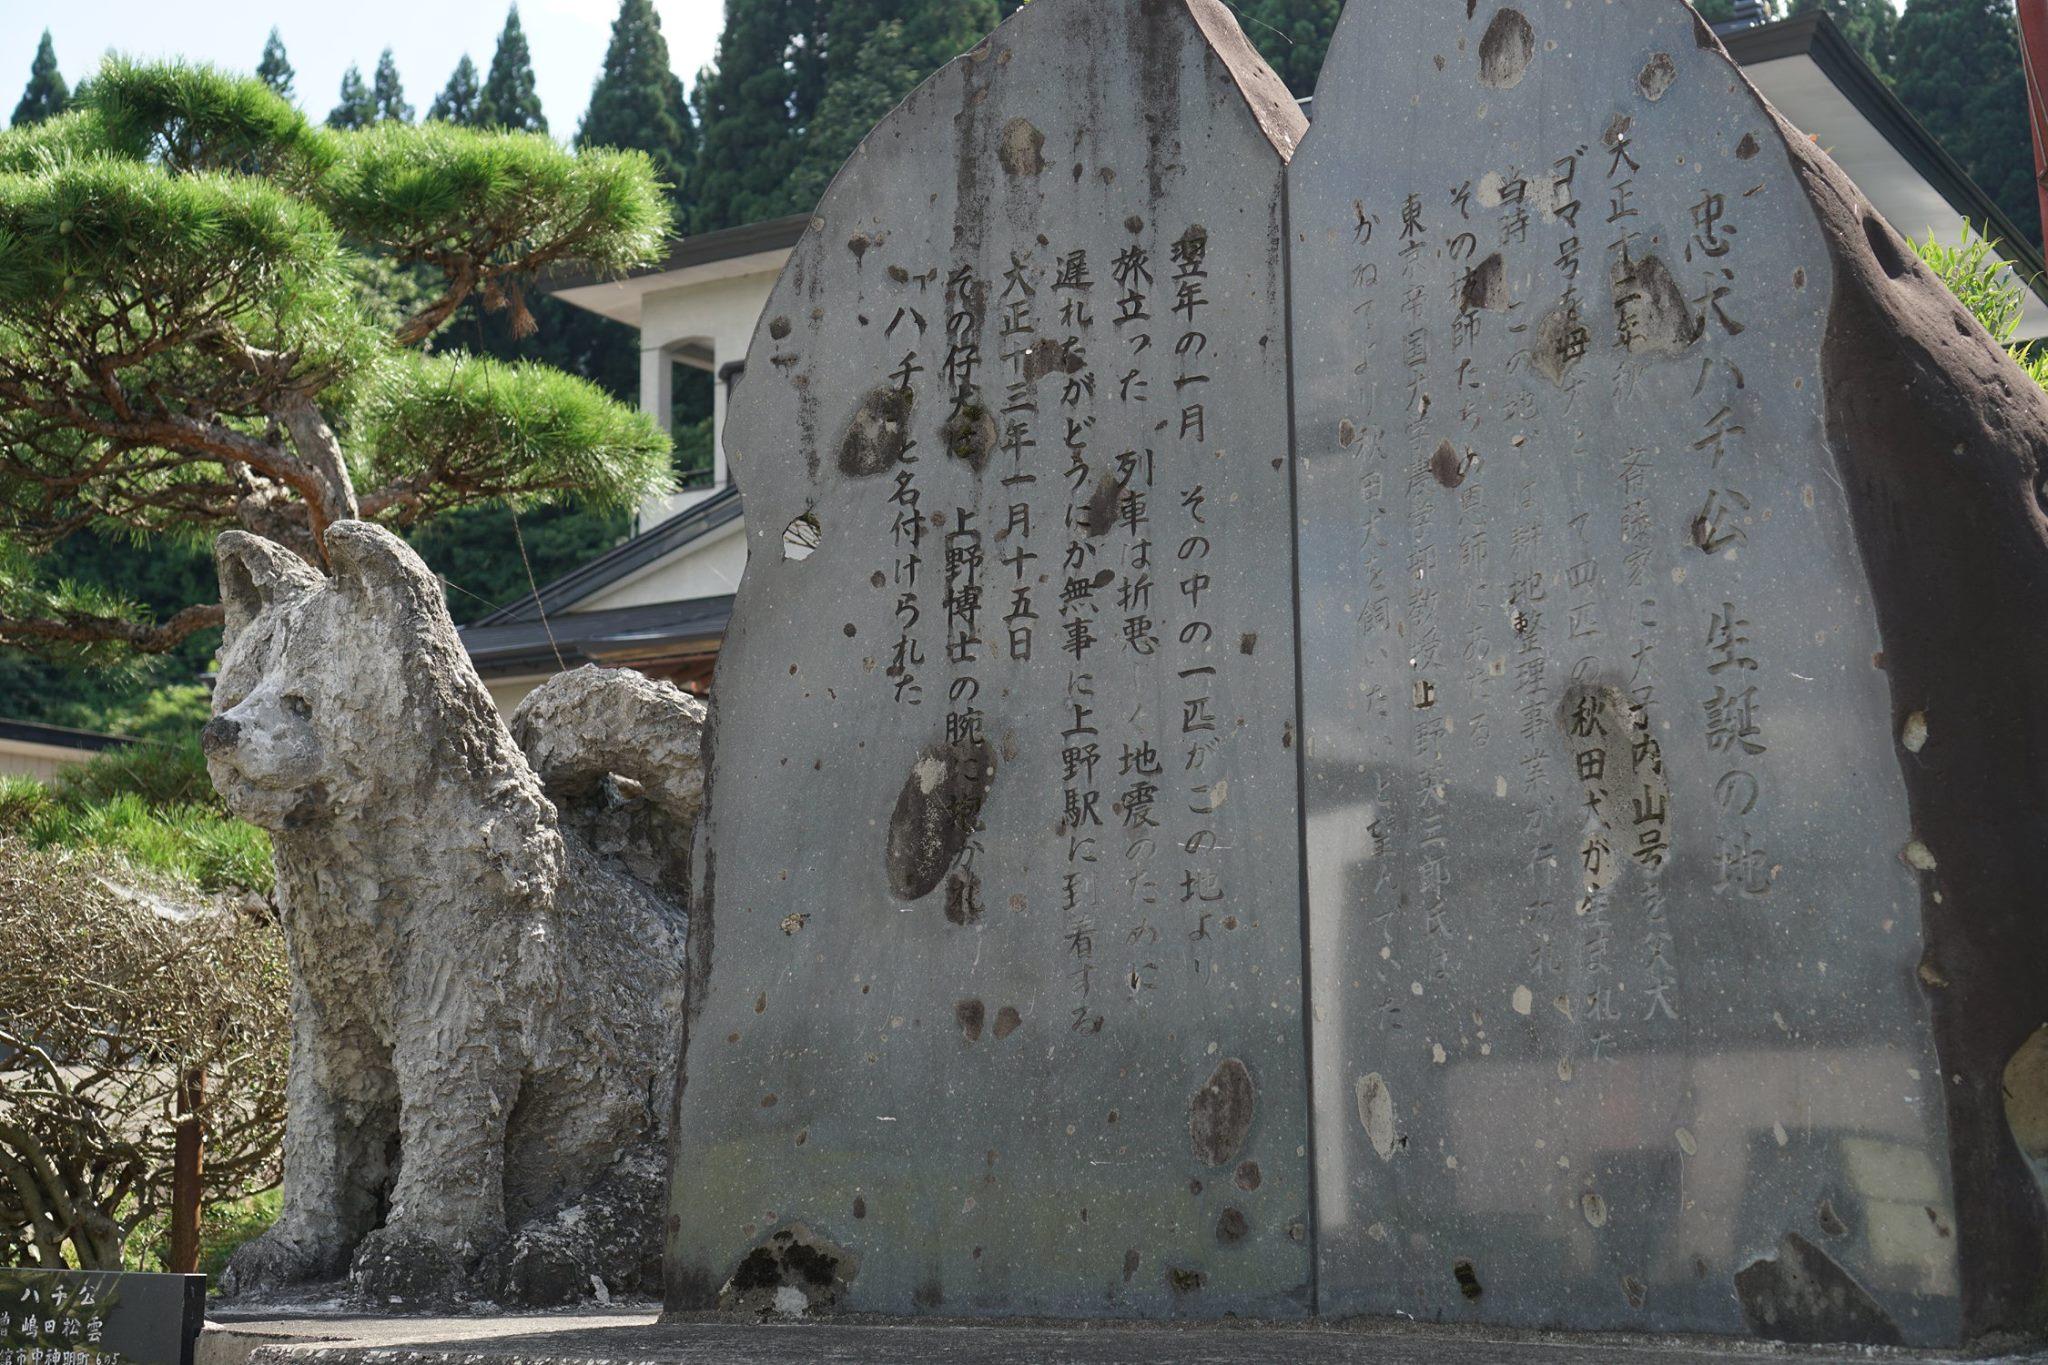 秋田犬の伝説を追って◆ハチ公生誕の地